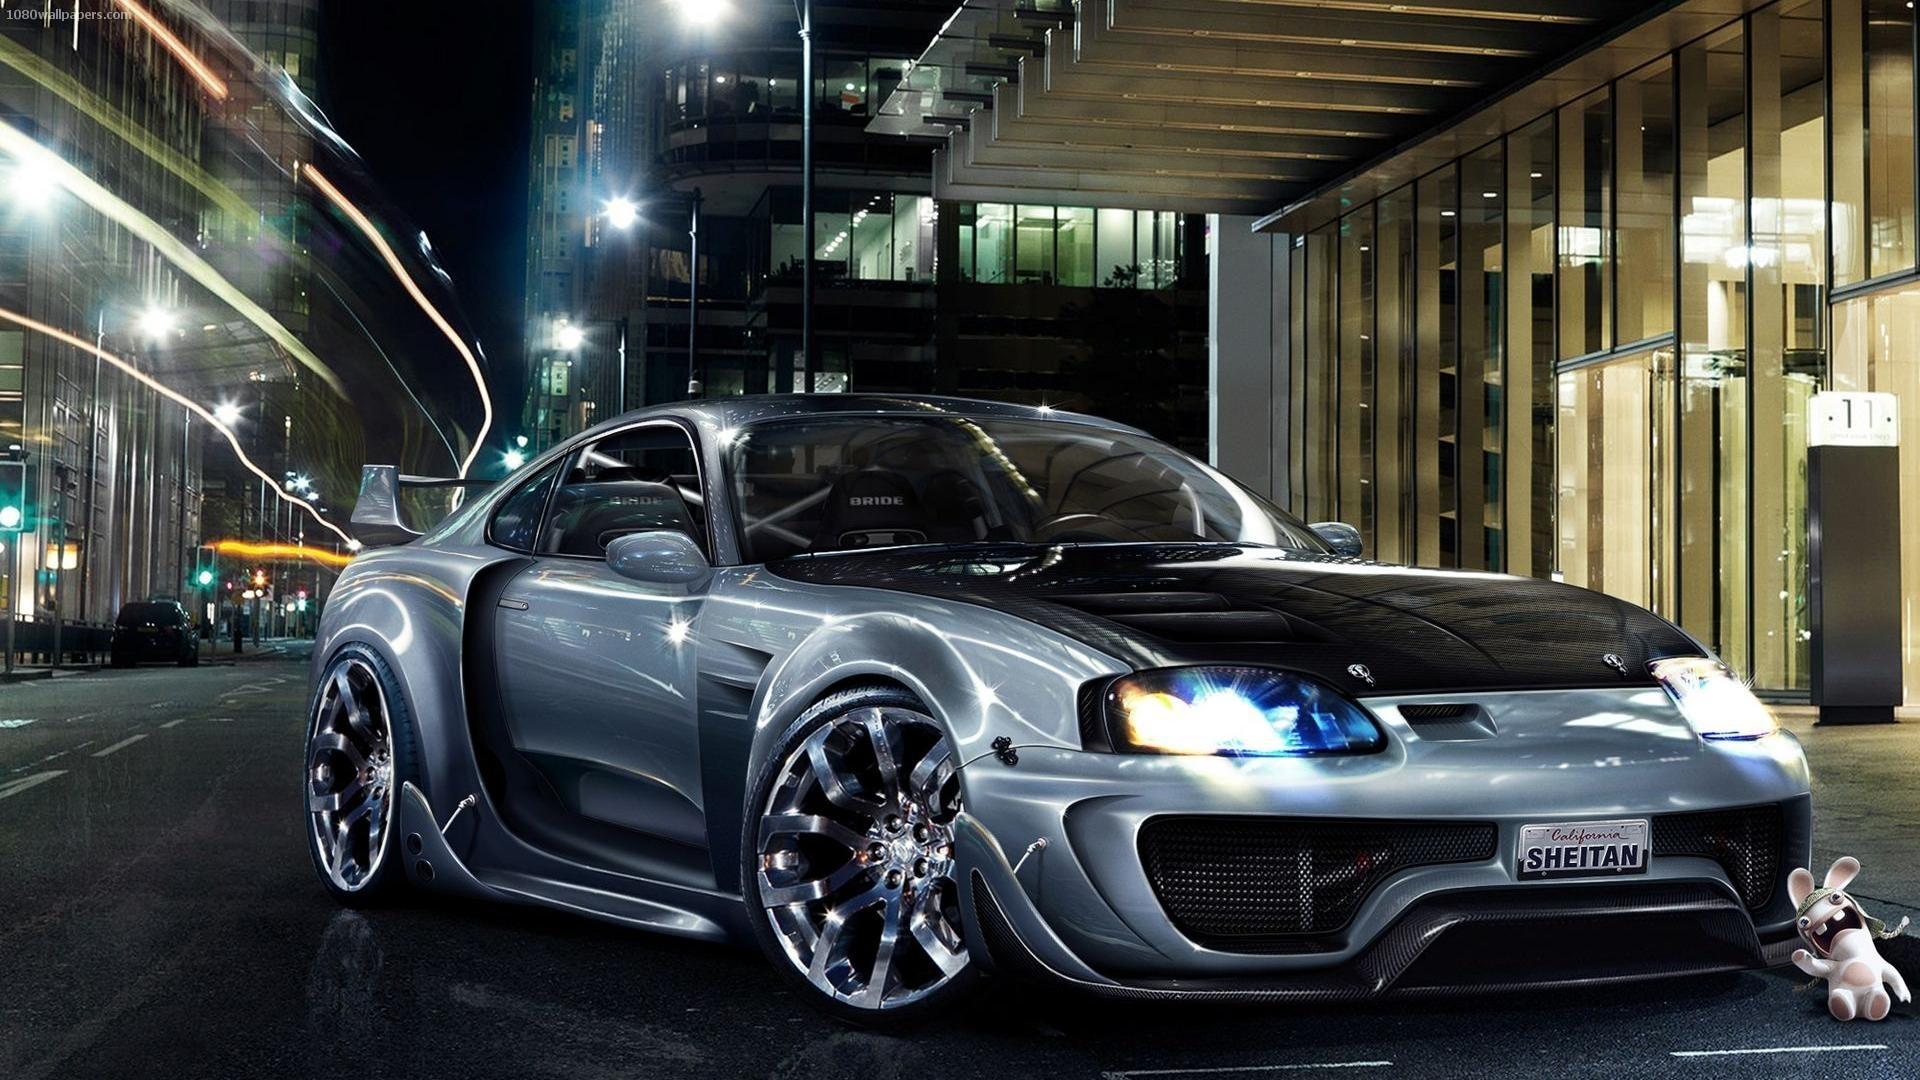 Toyota Supra Car Wallpapers 1080p